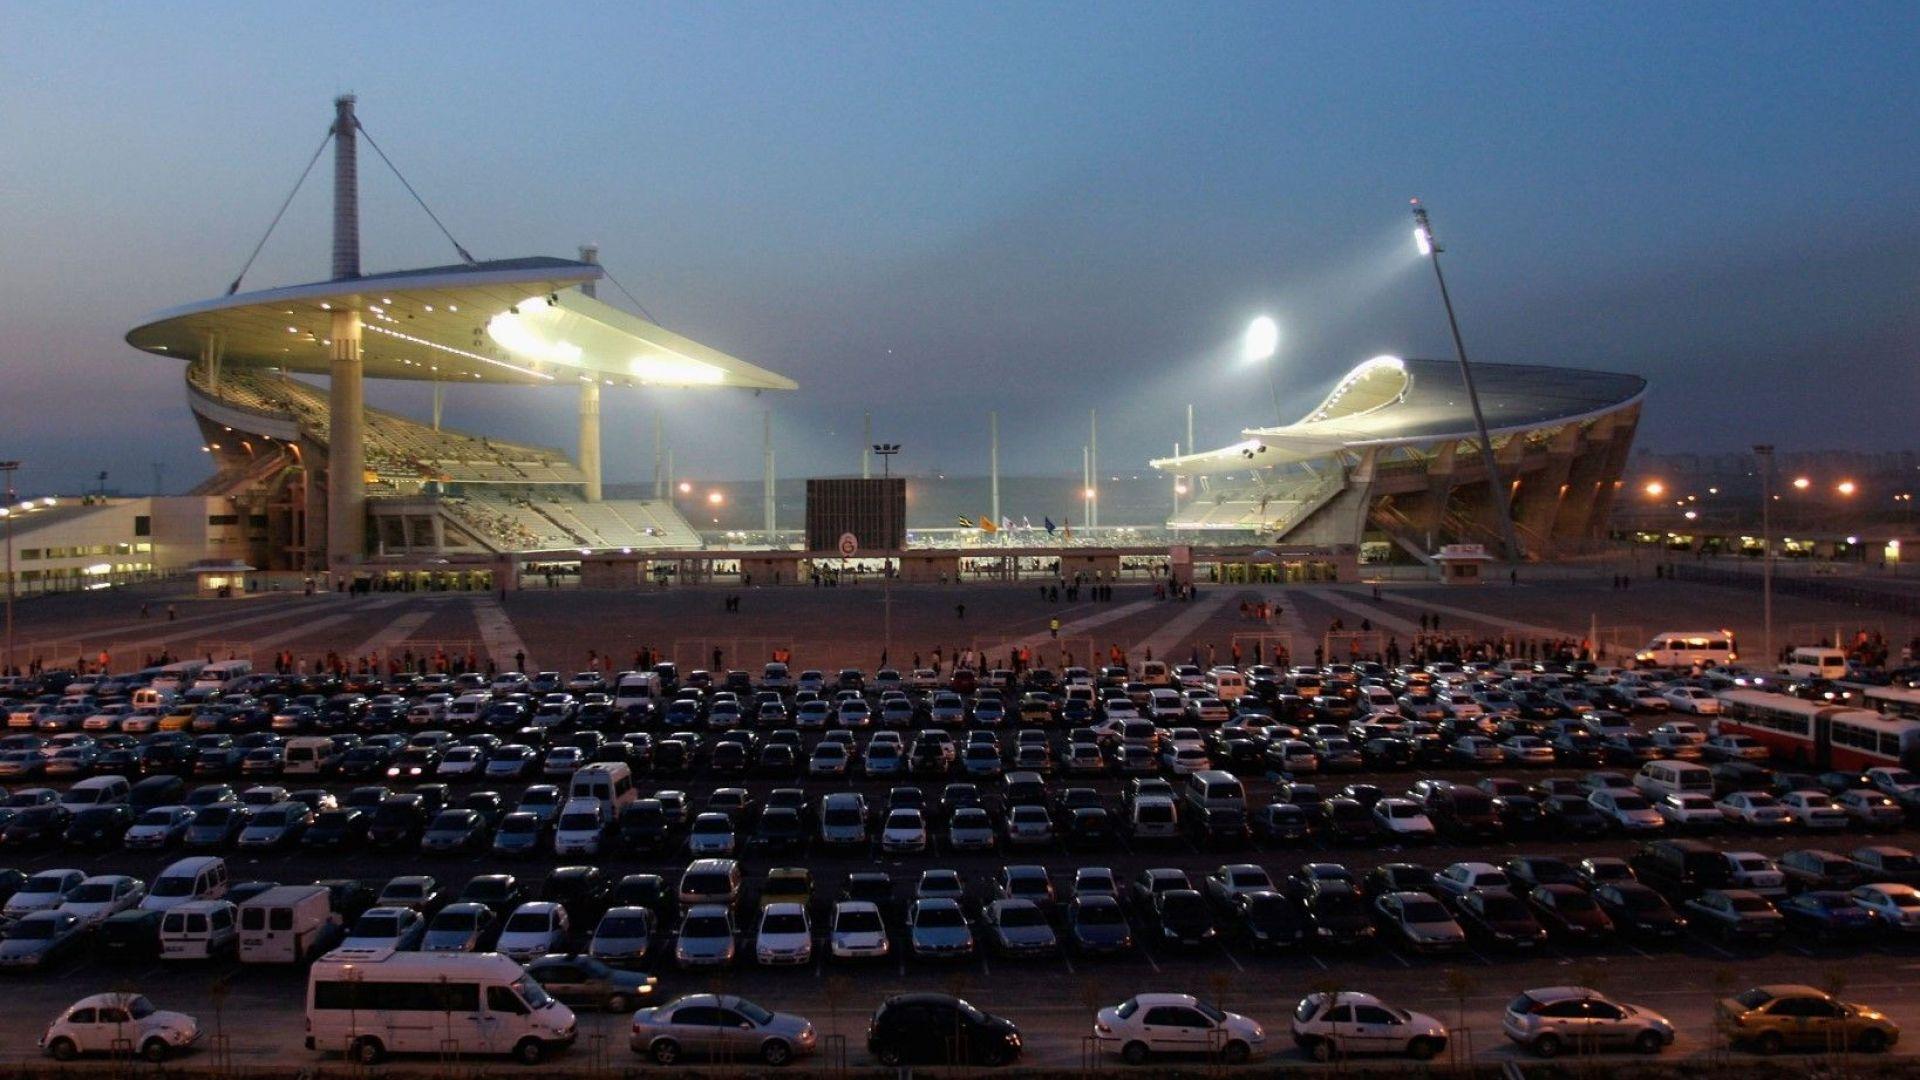 Най-впечатляващите спортни арени в света (галерия)